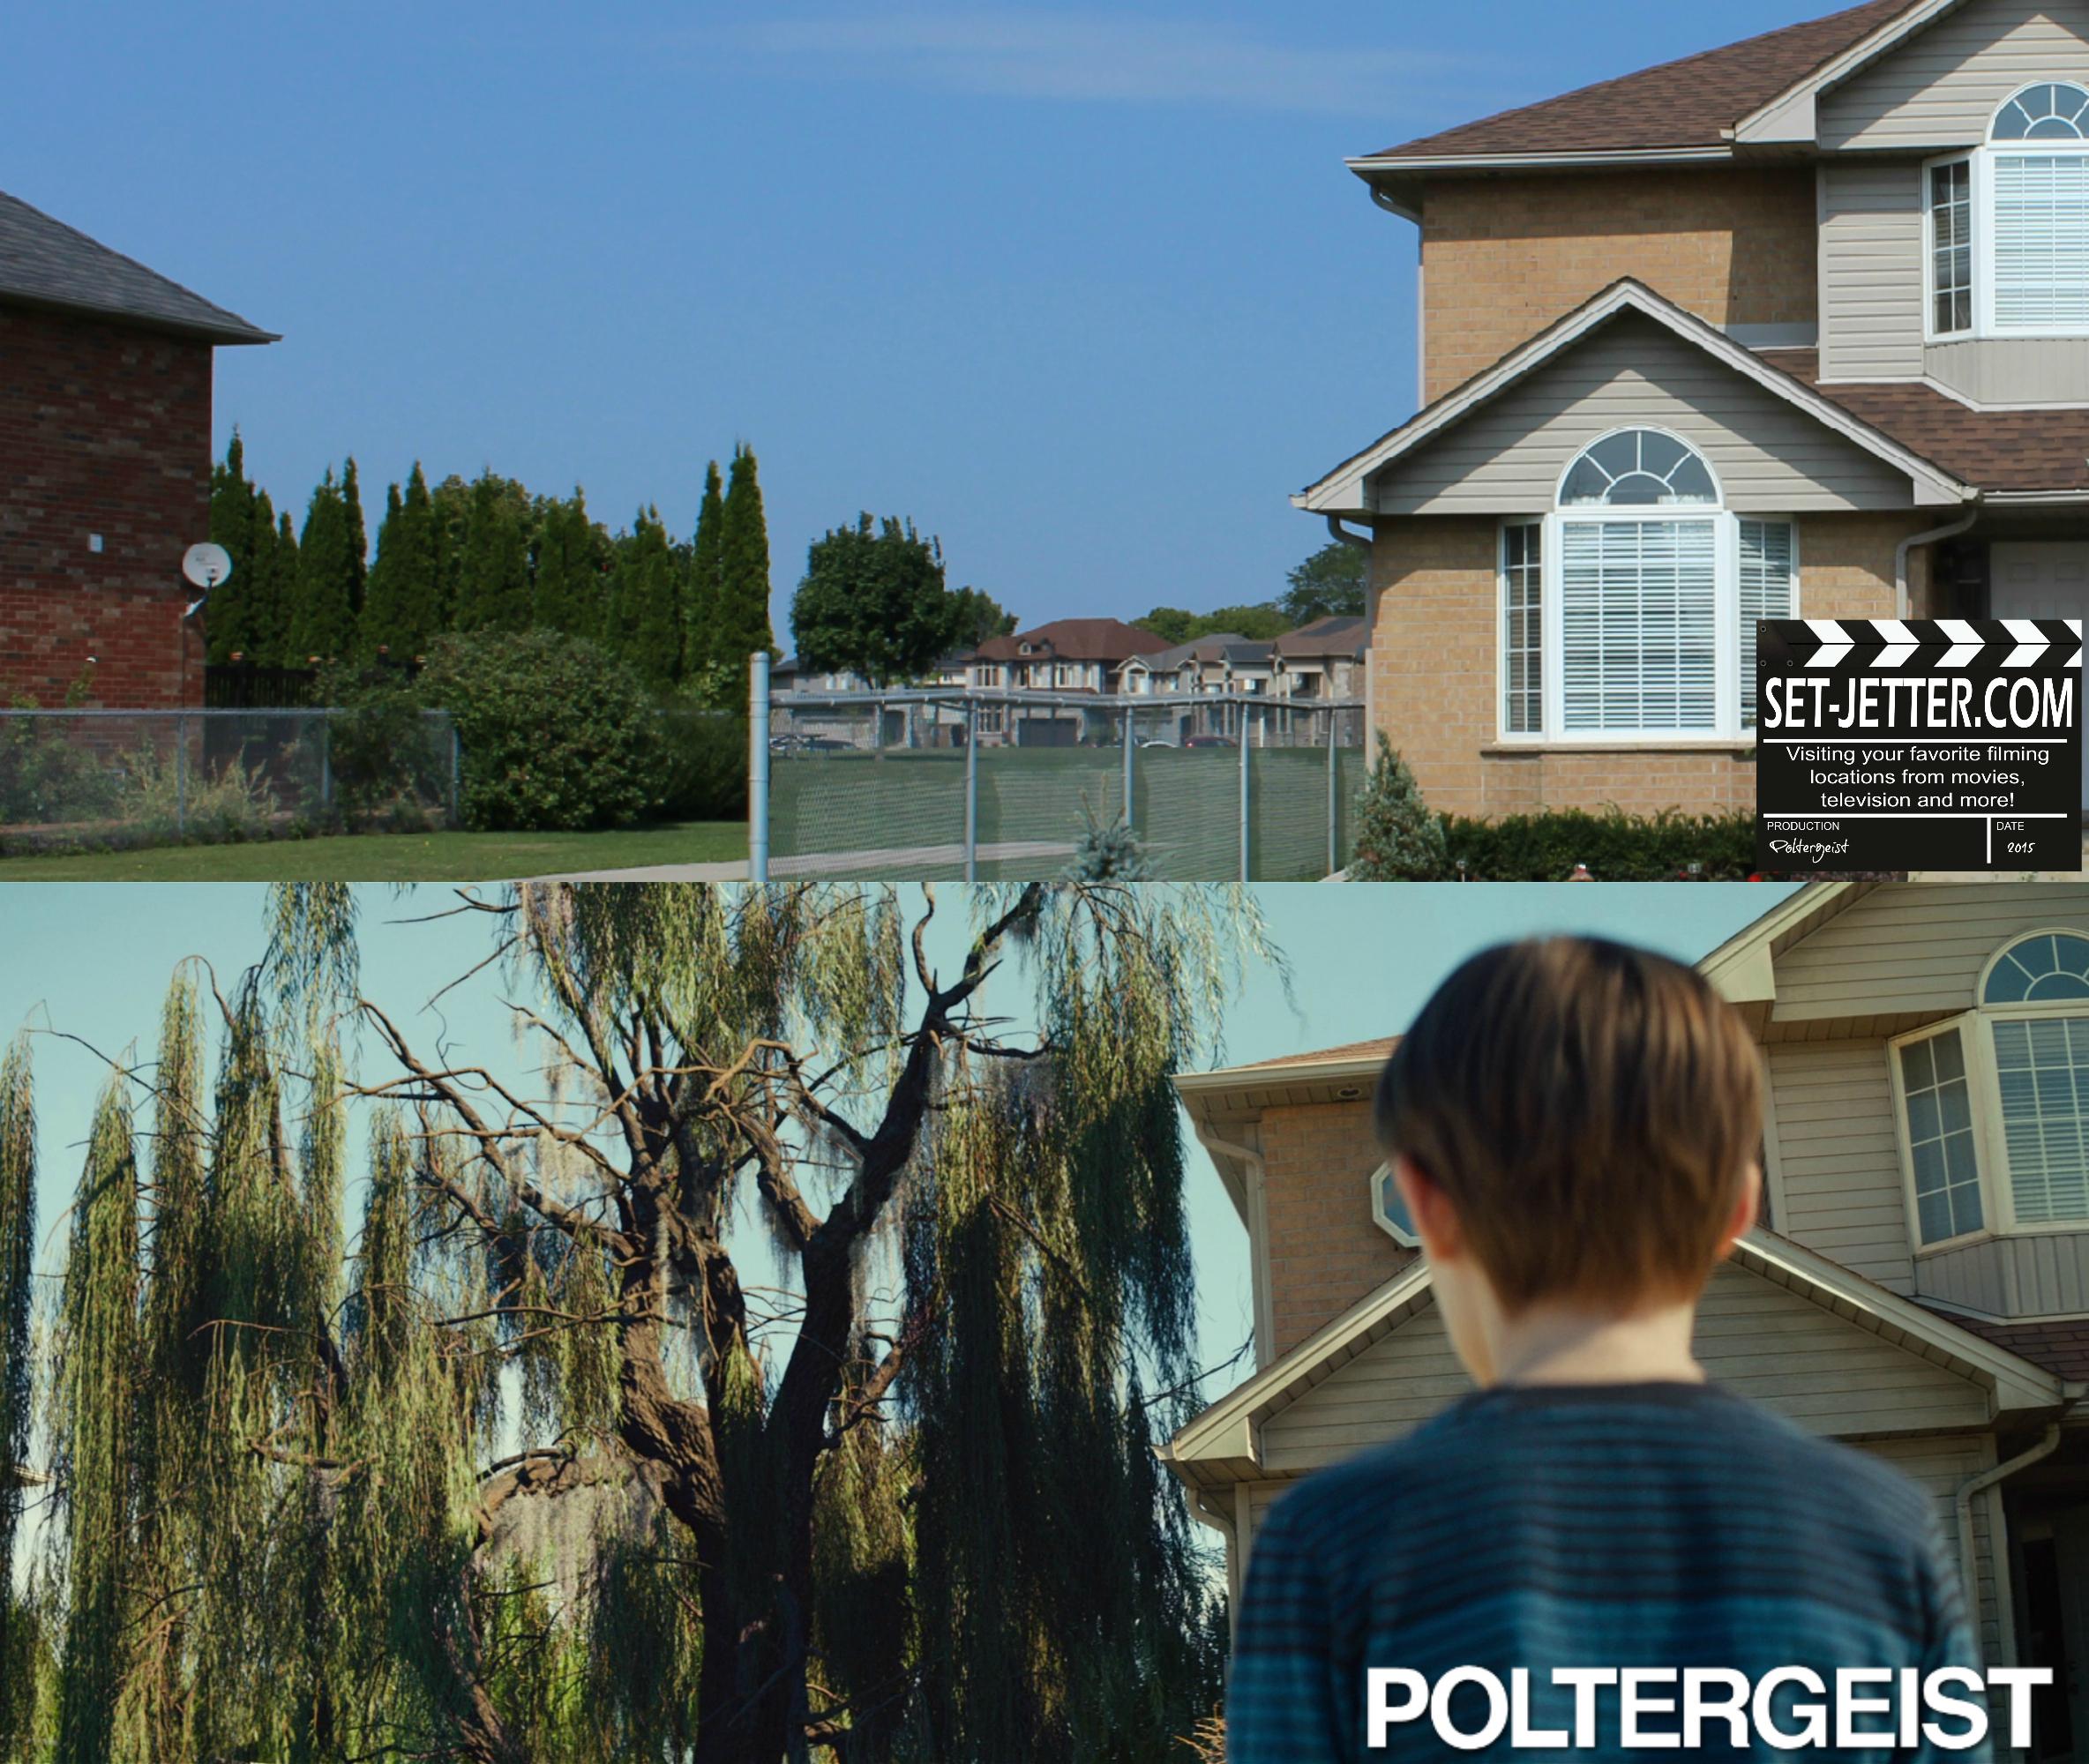 Poltergeist comparison 38.jpg